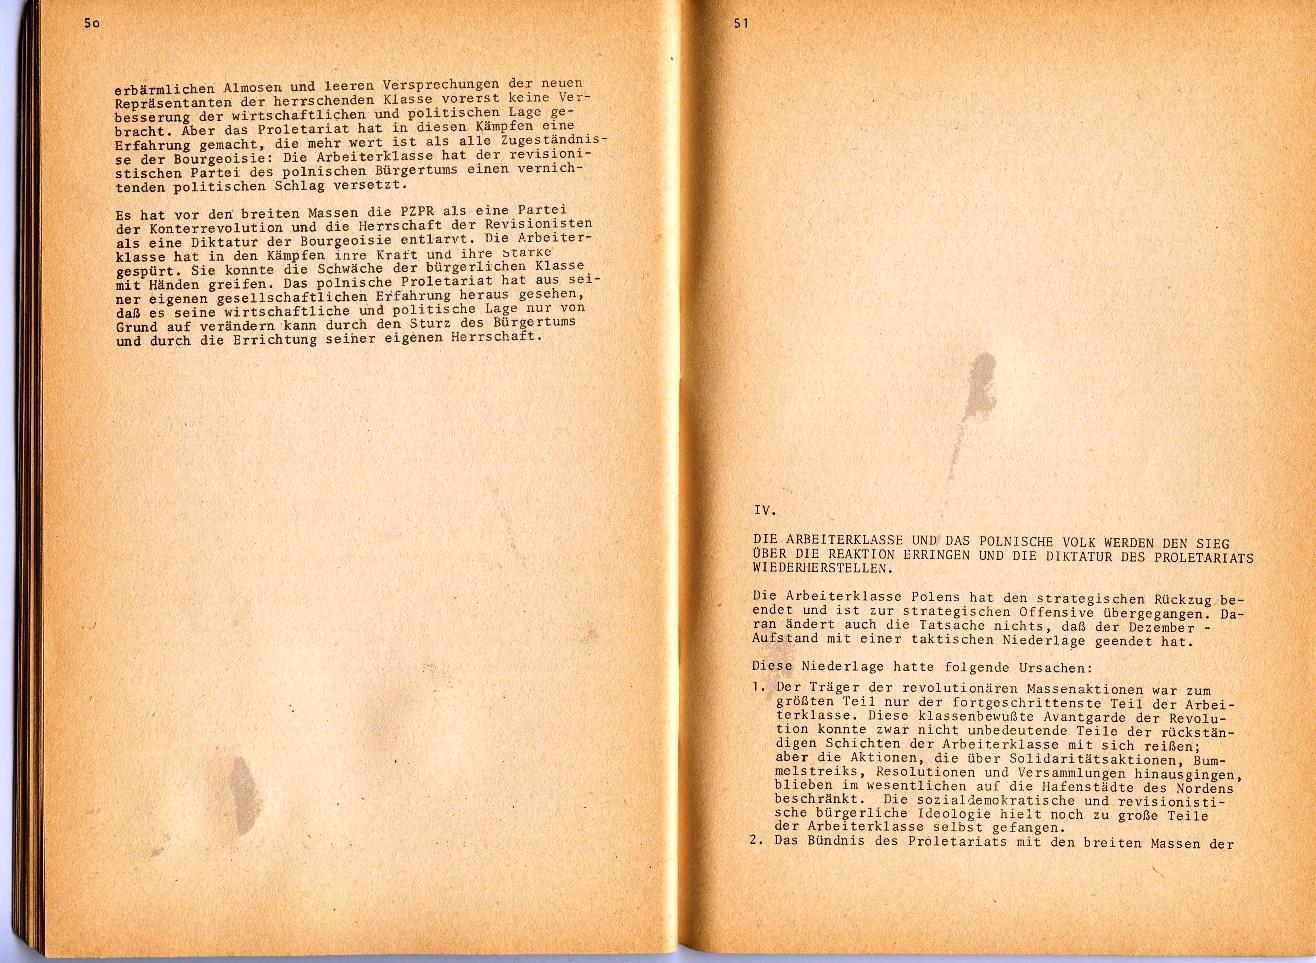 ZB_Polen_Aufstand_1971_29